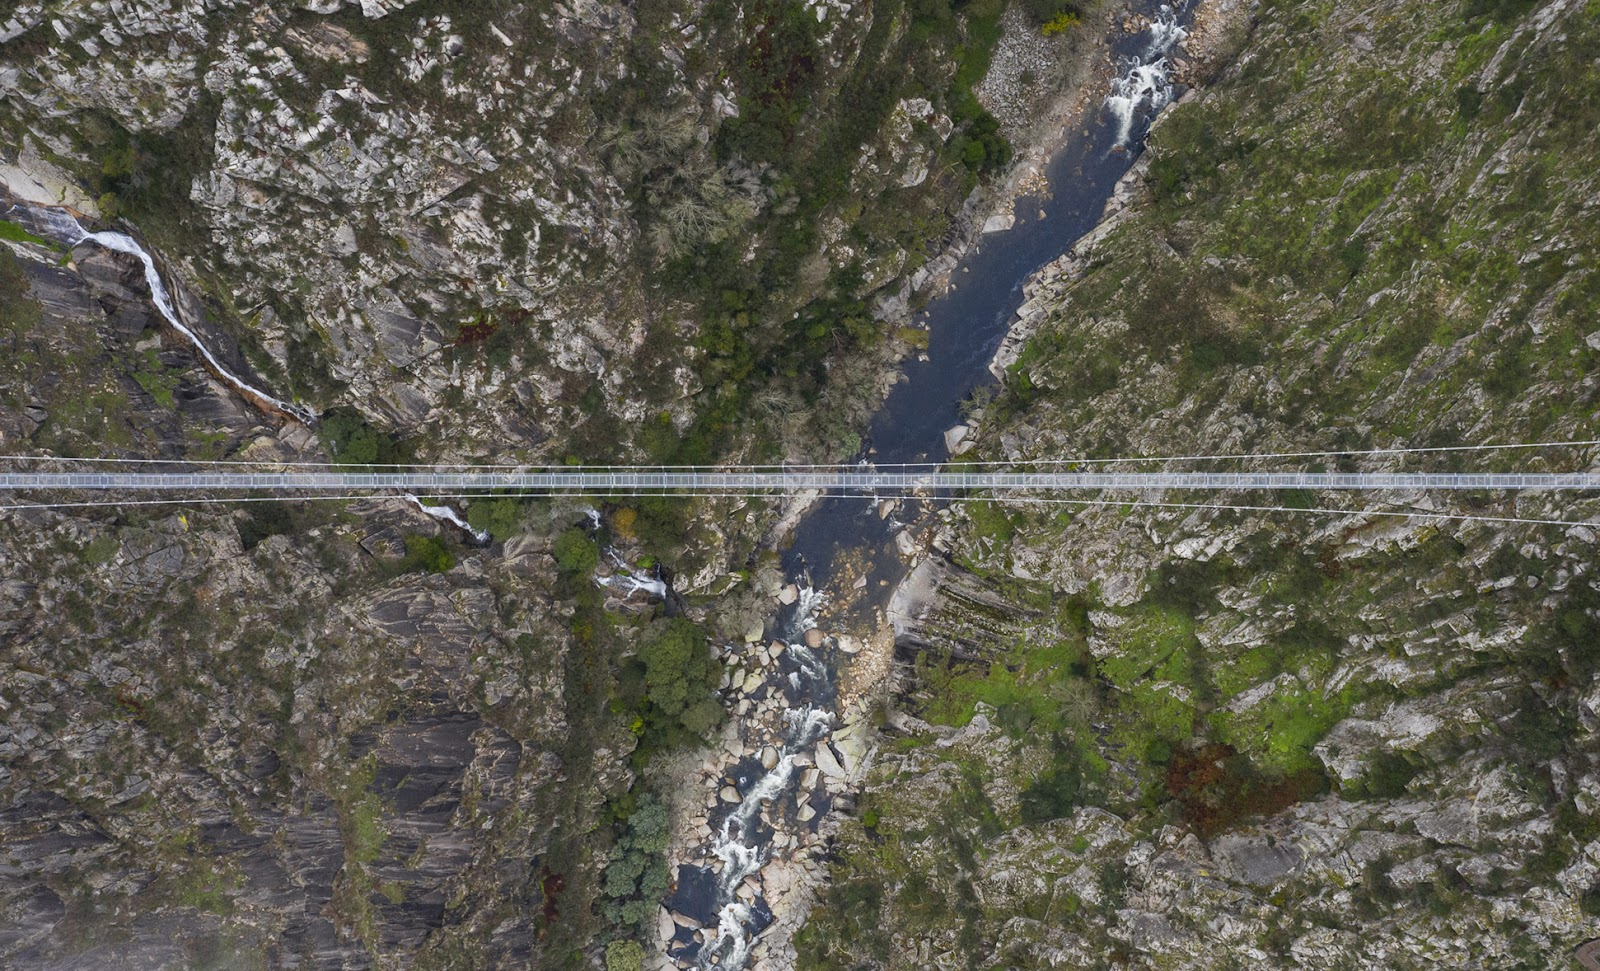 A ponte, de 516 metros, passa por cima do Rio Paiva, no norte de Portugal (Imagem: 516 Arouca/Divulgação)